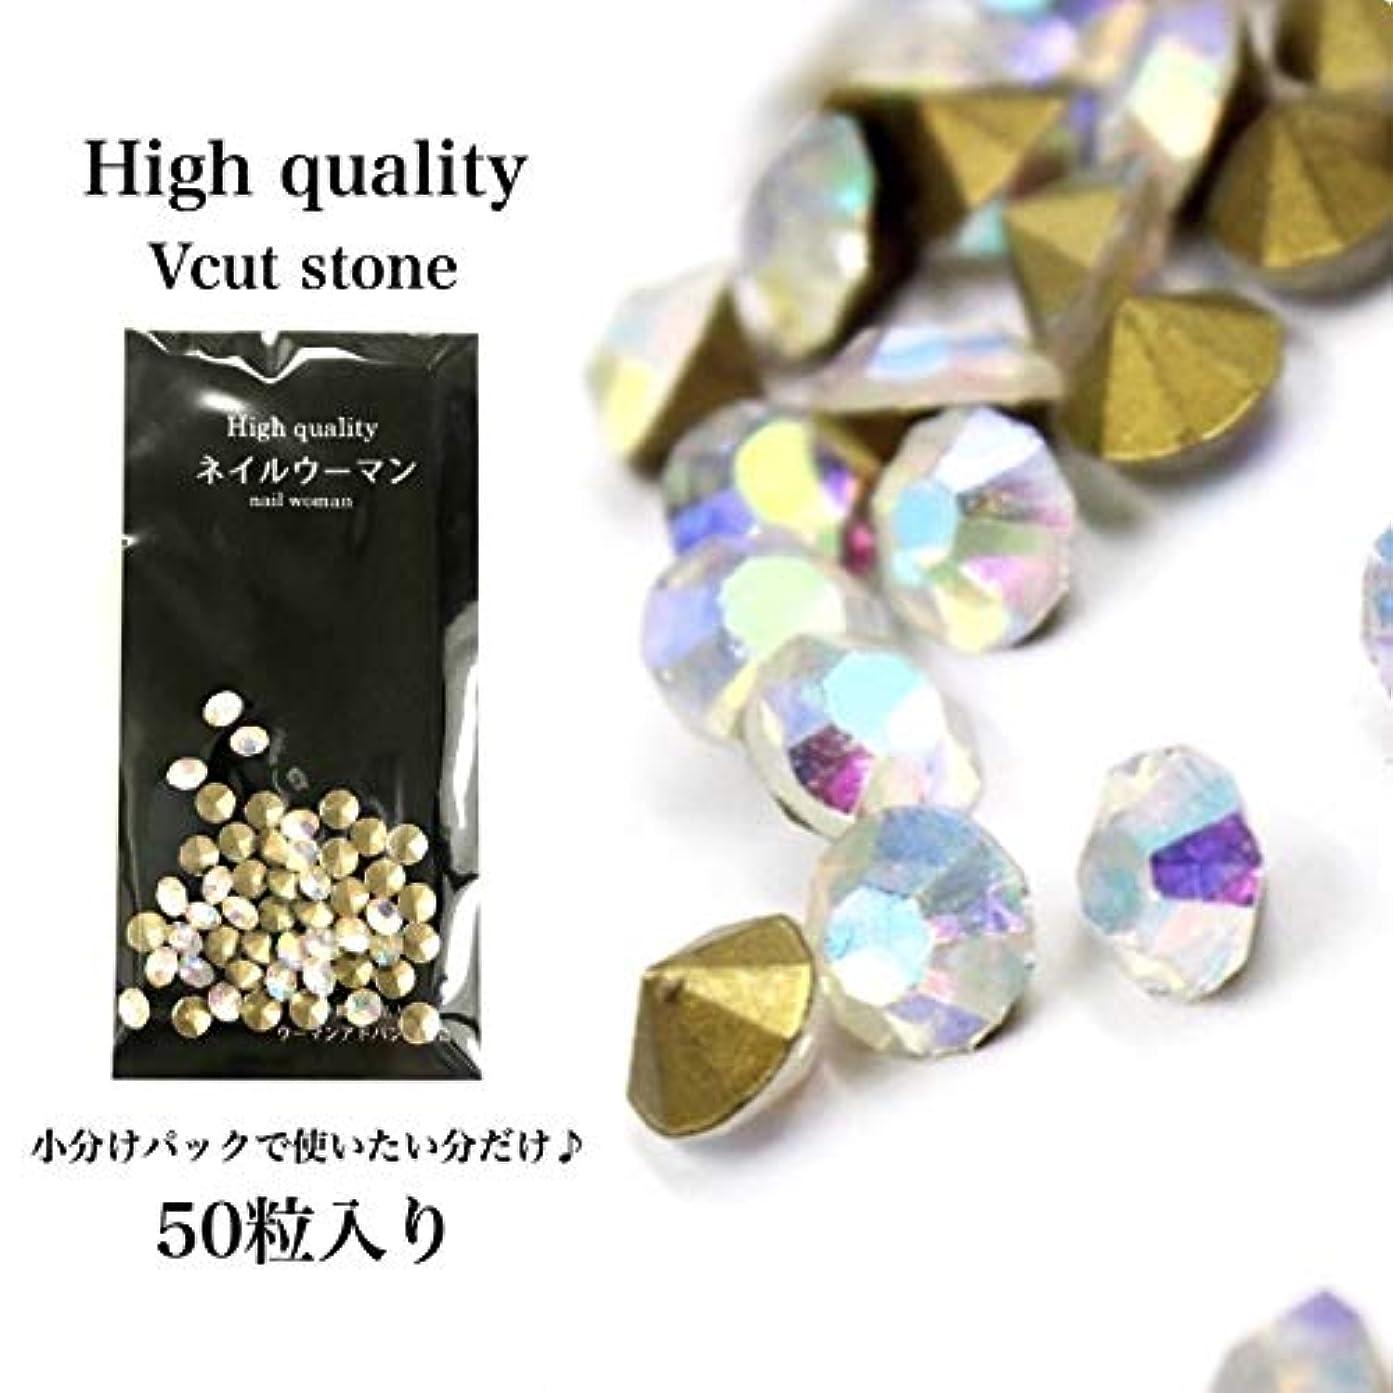 【ネイルウーマン】高品質!ガラス製Vカットストーン ダイヤモンドストーン (ABクリスタル) 約50粒入り (SS10, ABクリスタル)